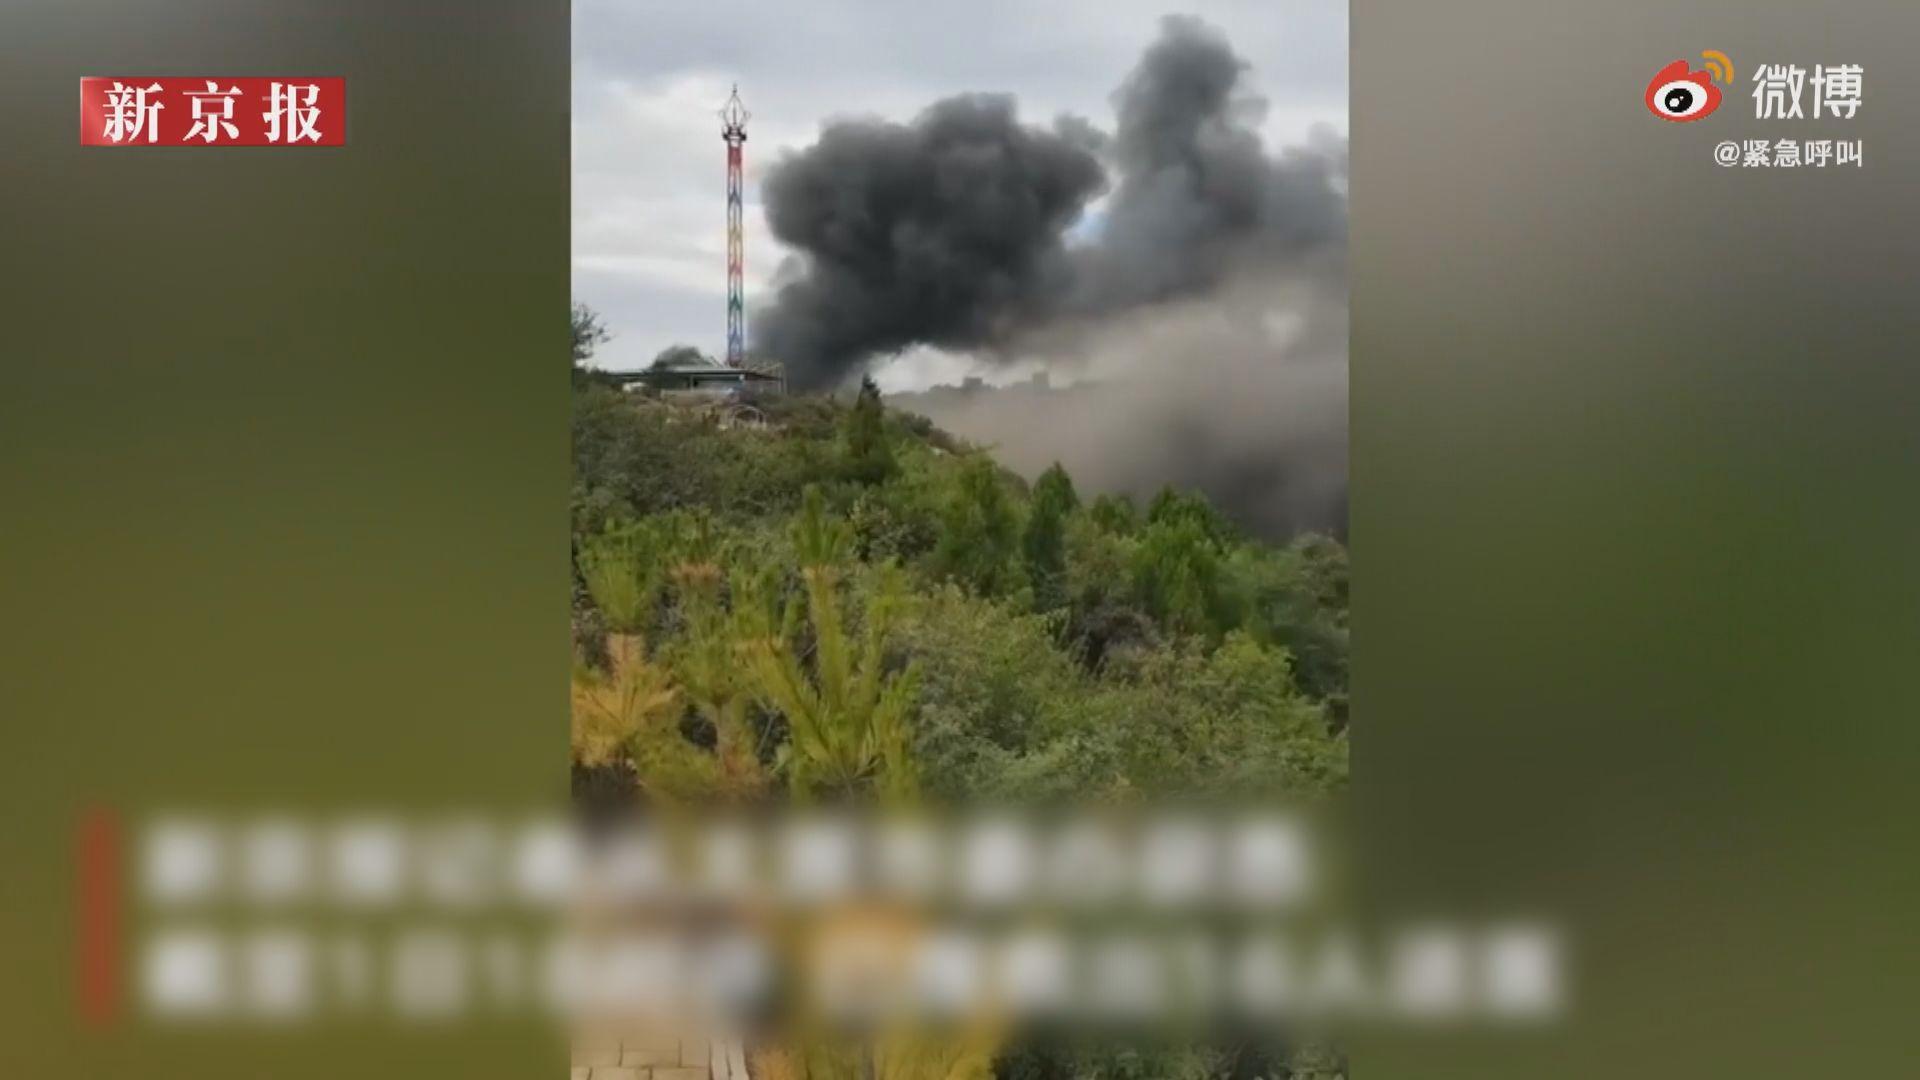 太原台駘山景區火災後被勒令關閉